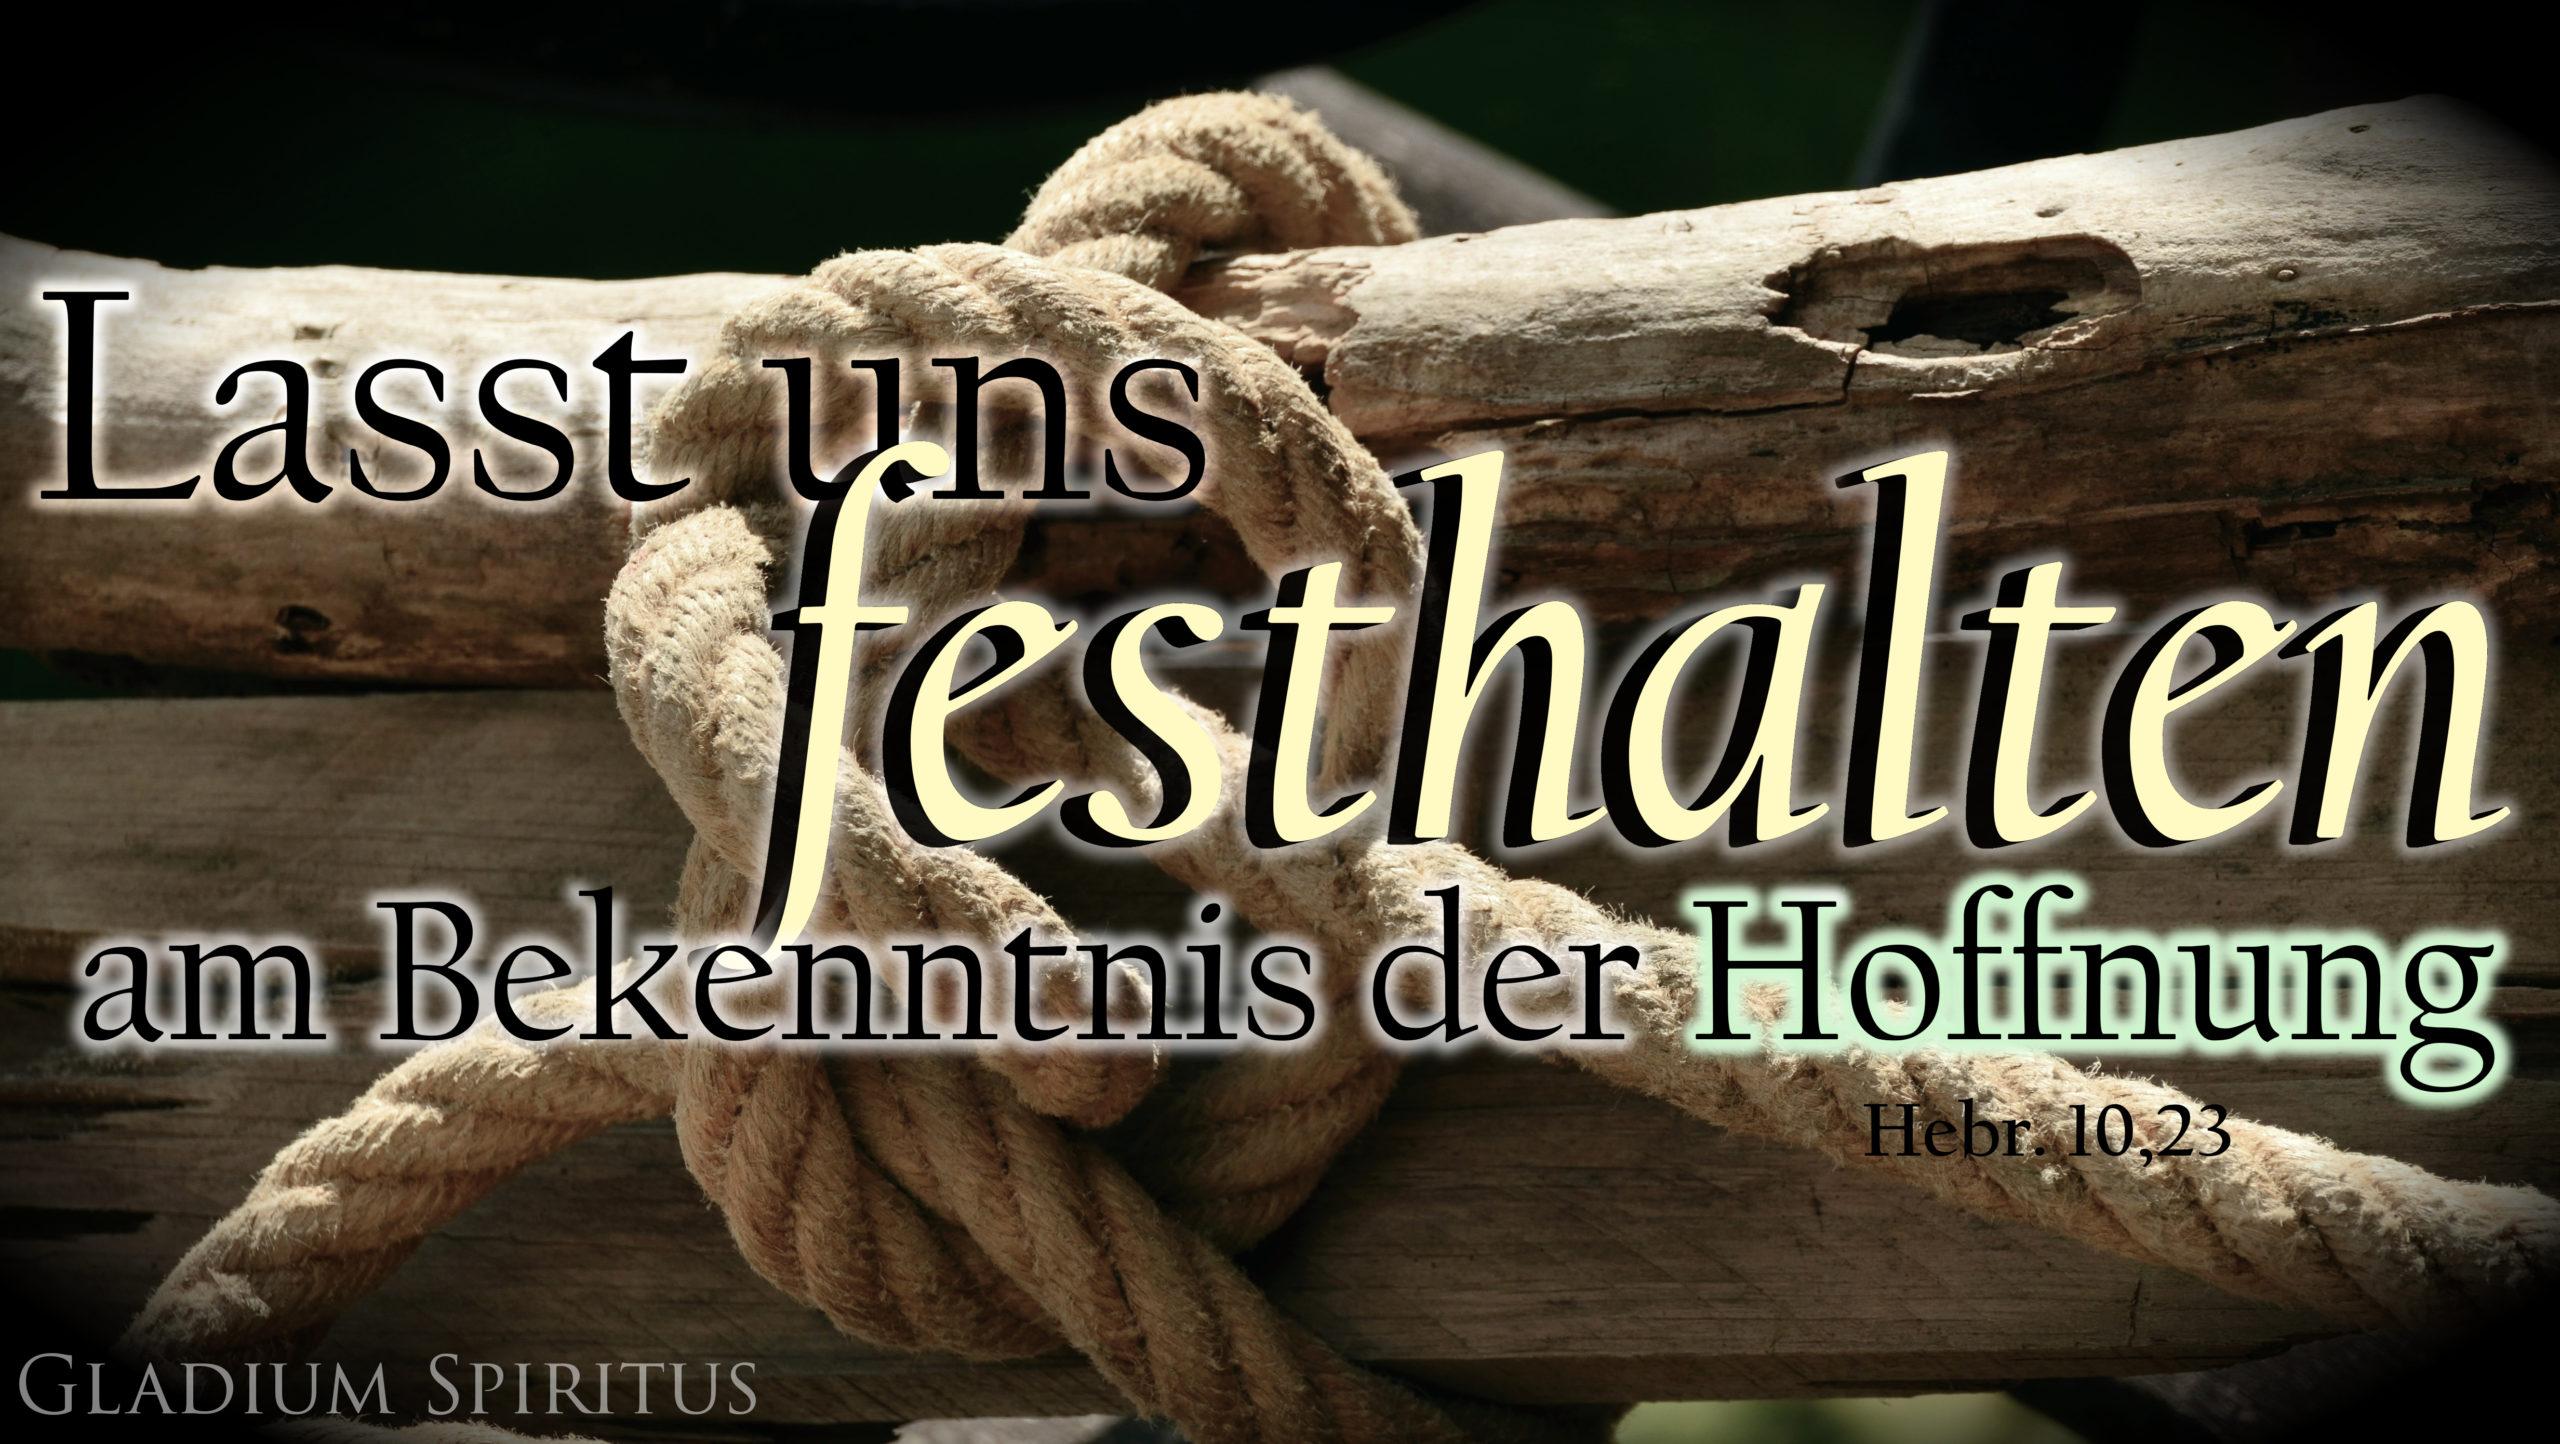 Hebr. 10,23